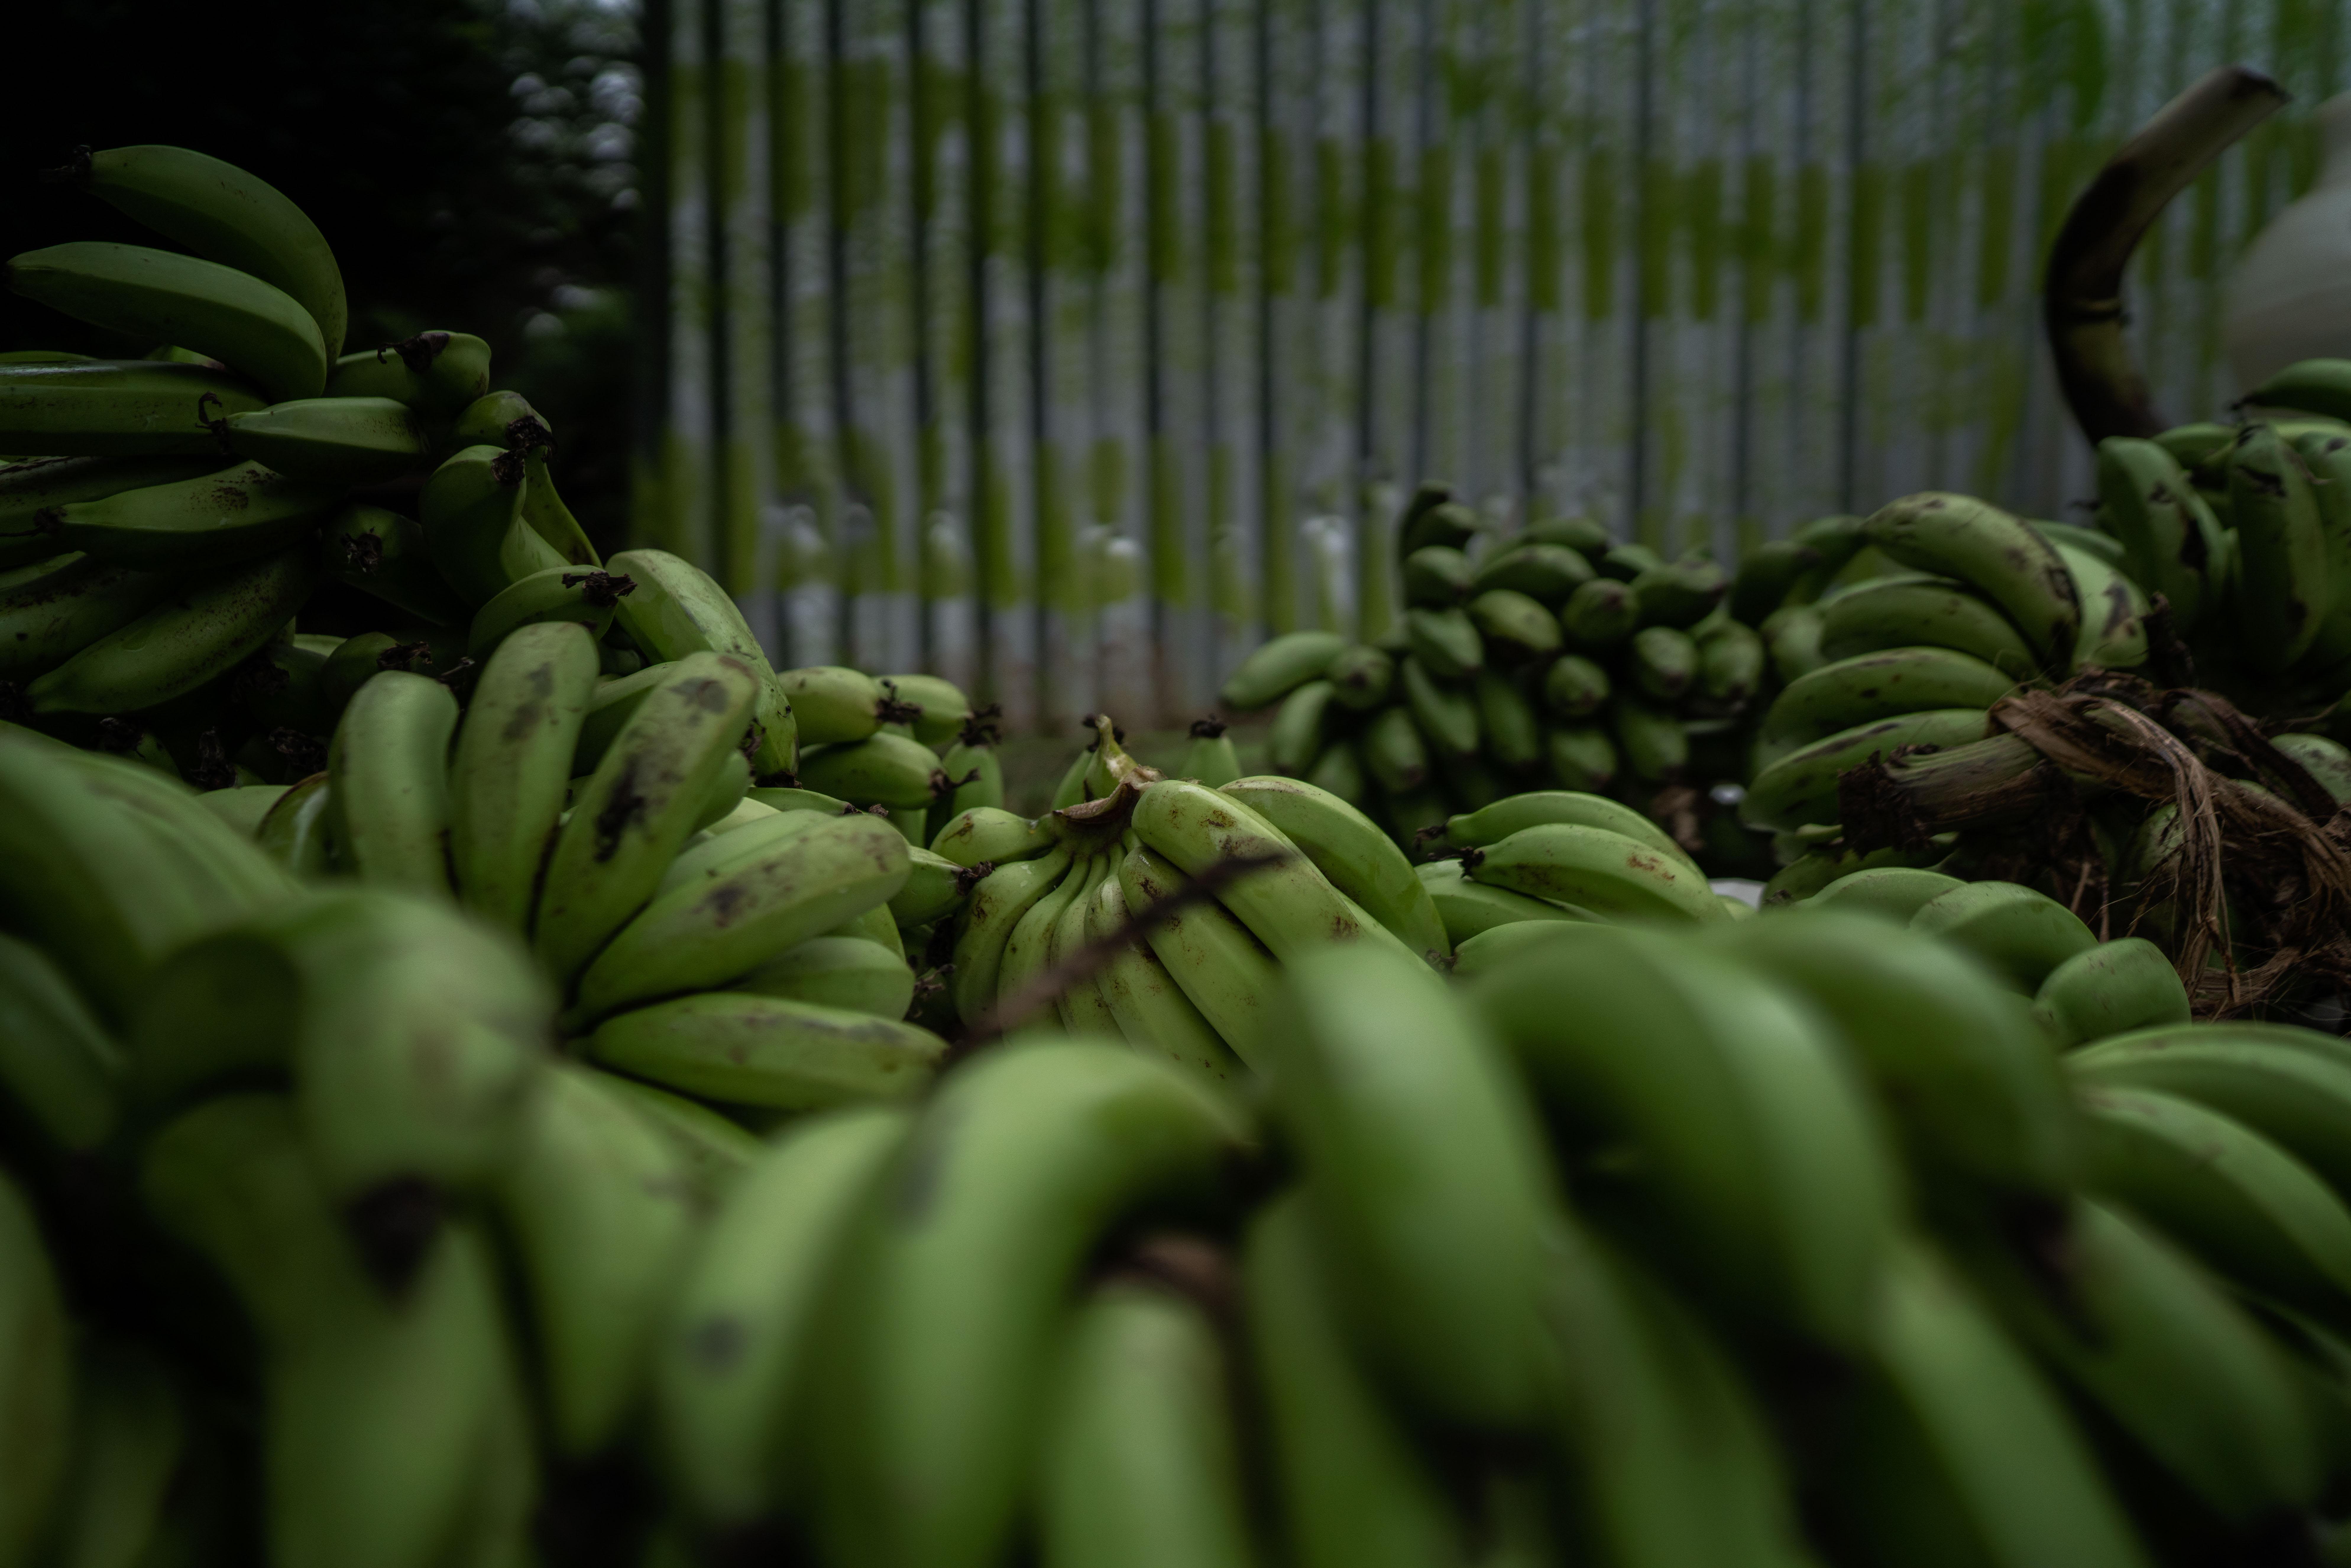 Fél tonna kokain volt a banán között